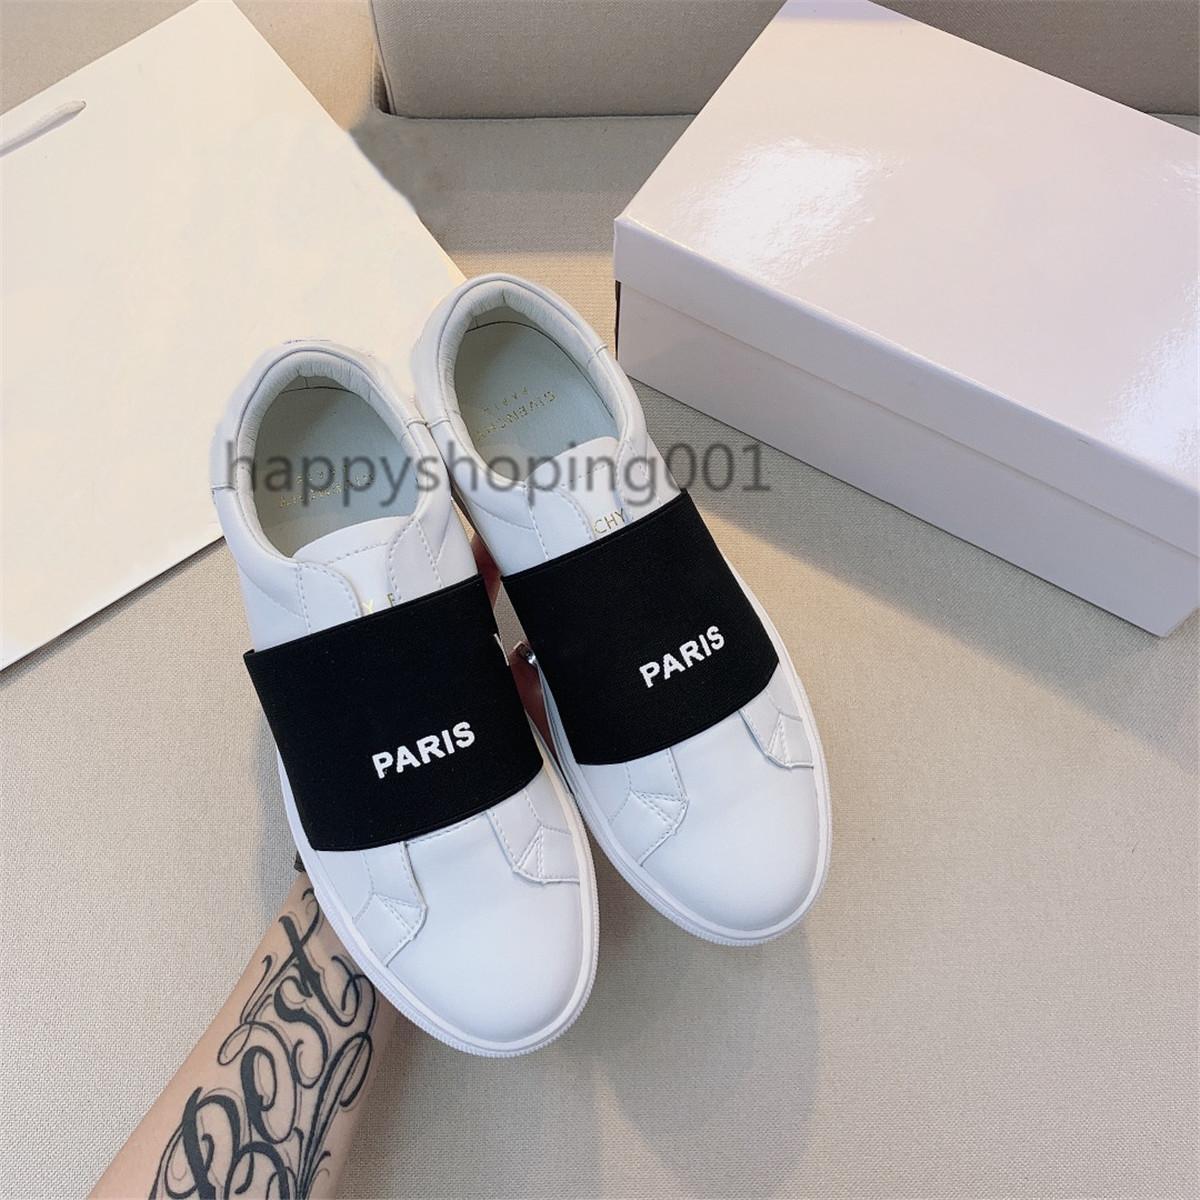 Popüler Düşük Üst Dantel-up Kadınlar Sneakers GVC Espadrilles Ayakkabı Fransa Dantel-up Yeni Paris Ayakkabı Siyah Beyaz Loafer'lar Boyutu 34-44